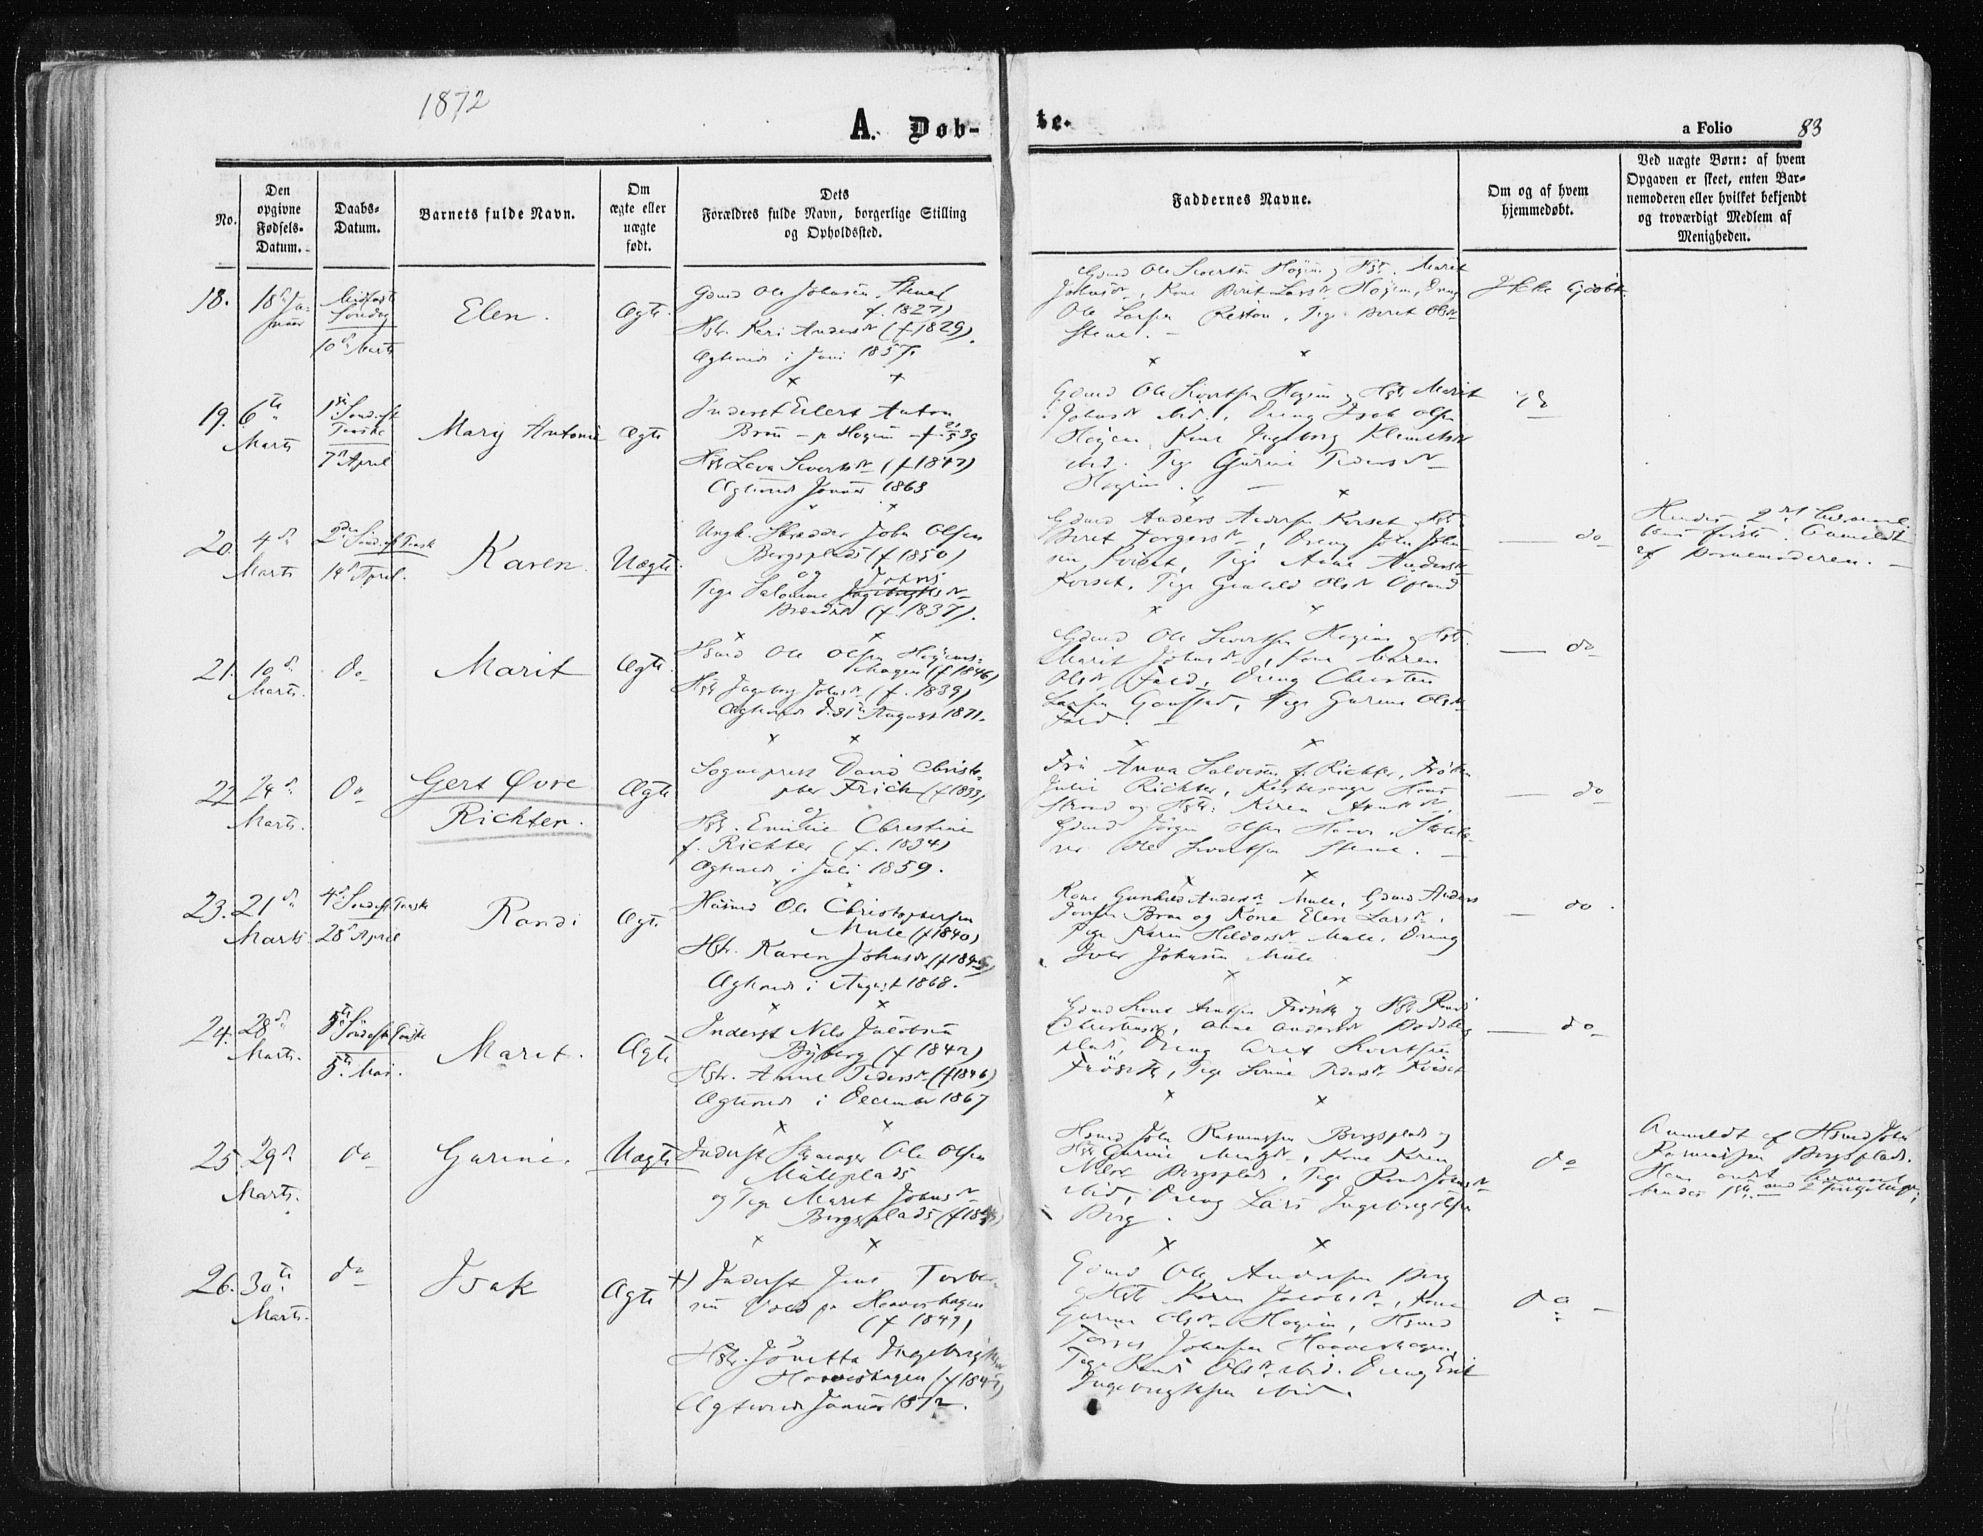 SAT, Ministerialprotokoller, klokkerbøker og fødselsregistre - Sør-Trøndelag, 612/L0377: Ministerialbok nr. 612A09, 1859-1877, s. 83